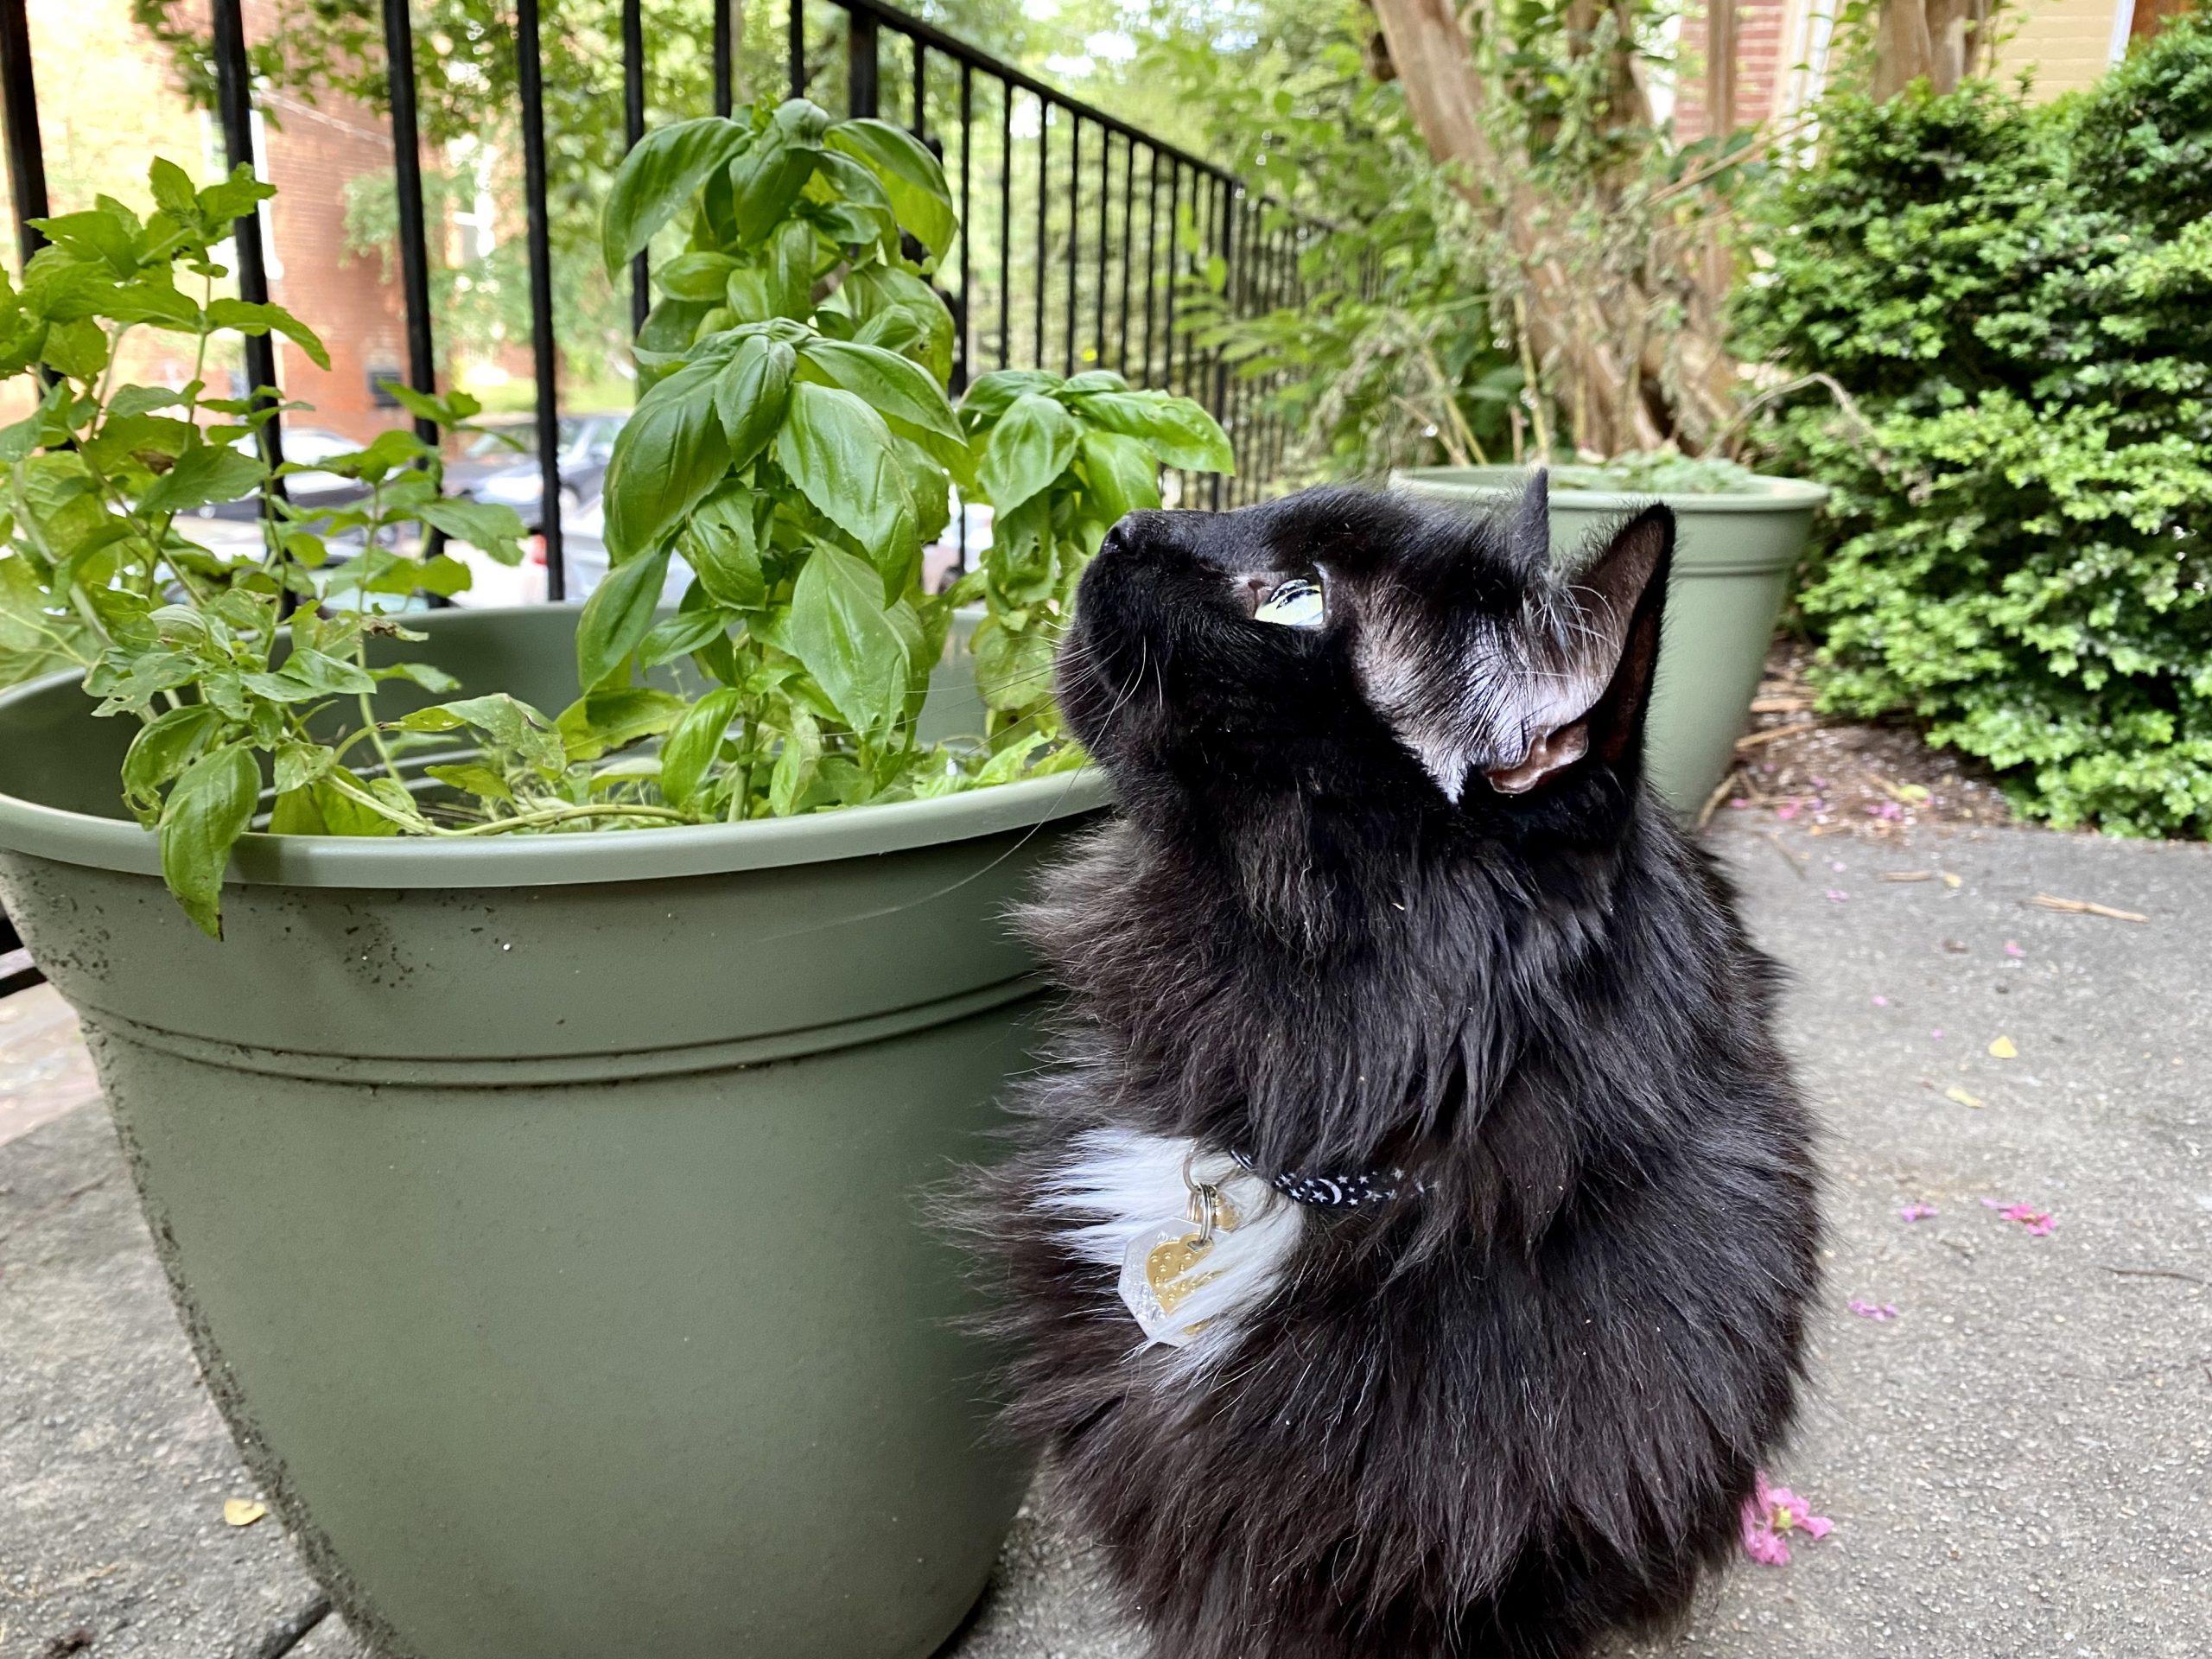 Natalie's cat, Bug, sniffs some potted basil